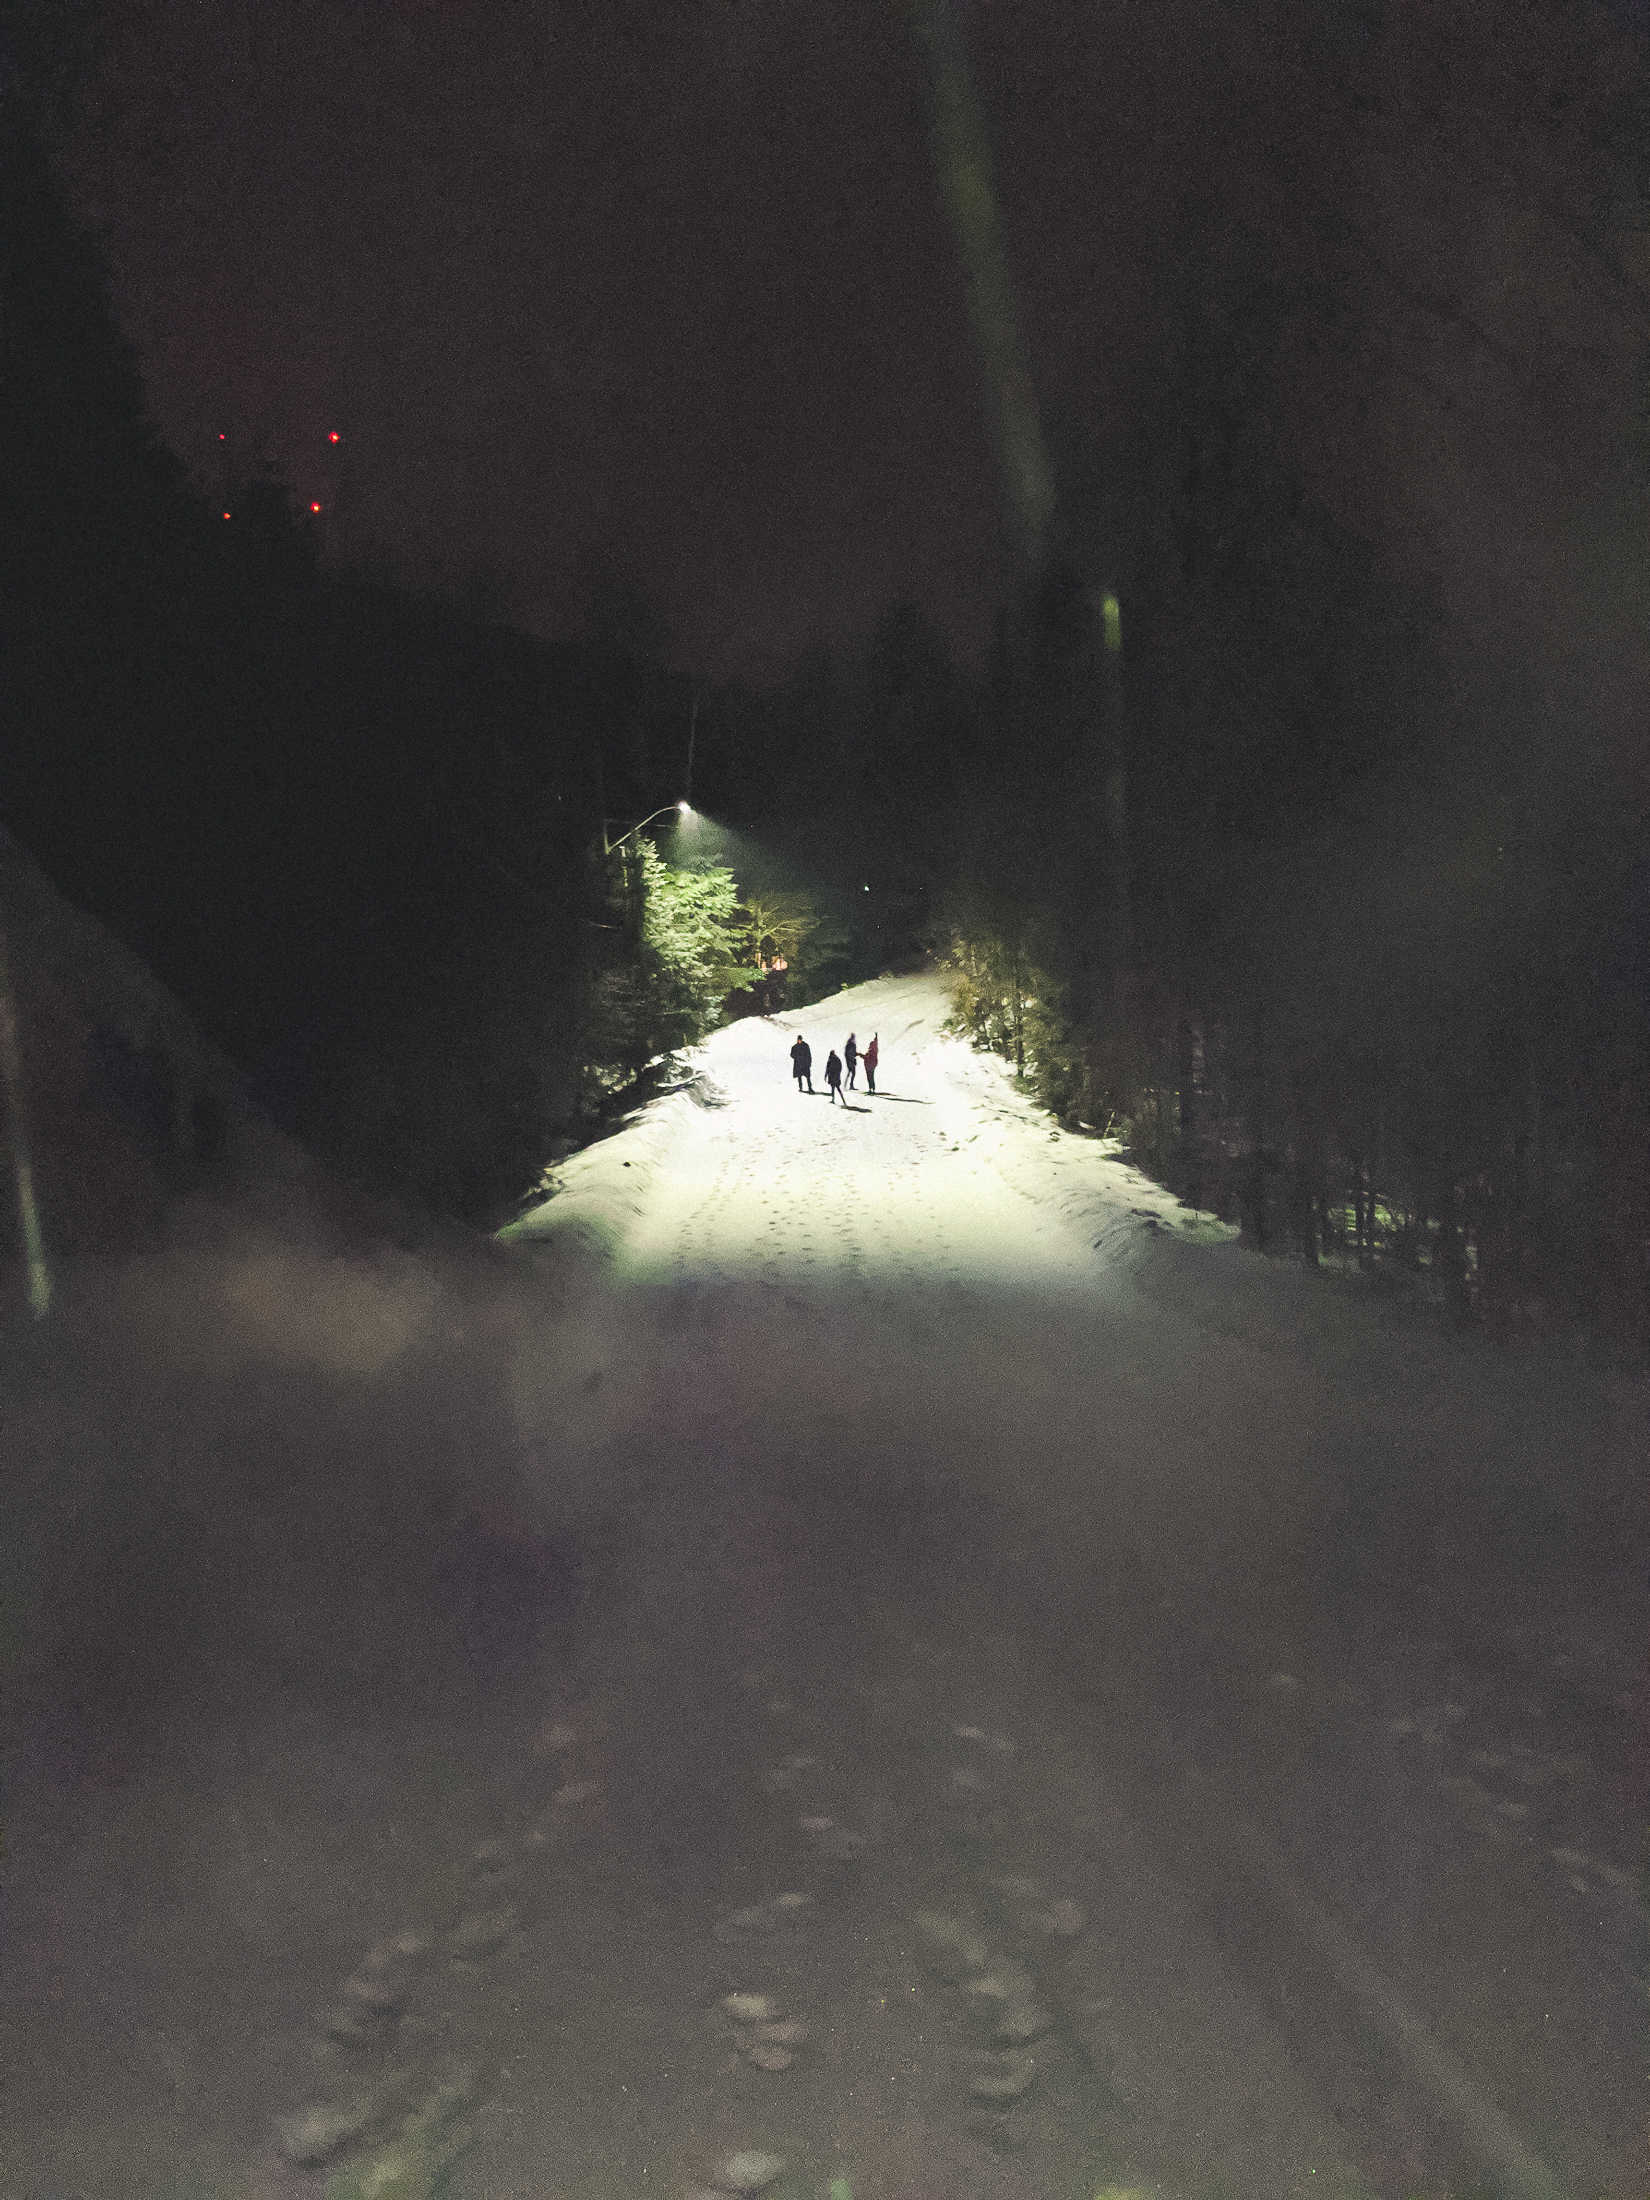 4 personnes au loin dans la neige la nuit